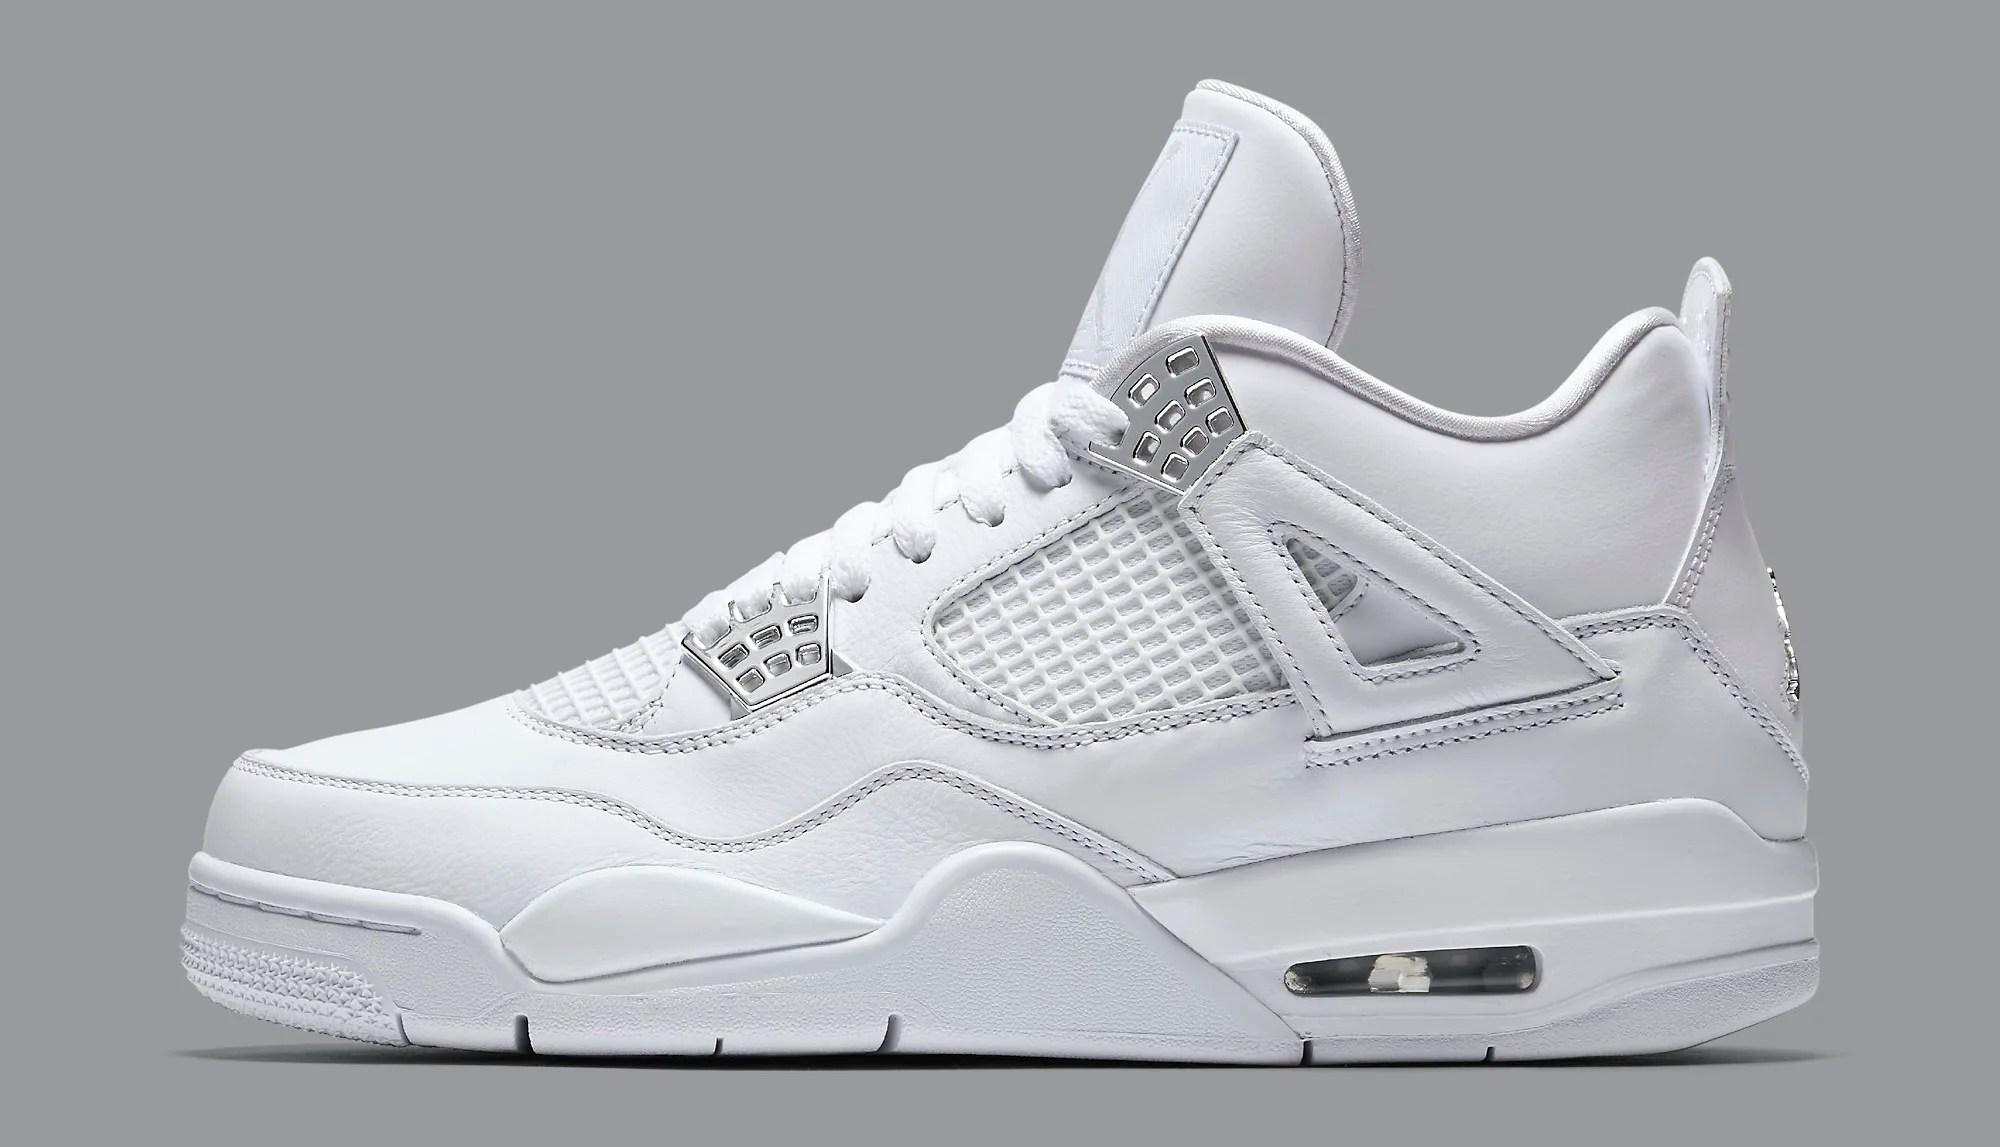 Puro dinero Air Jordan 4 308497-100 Perfil